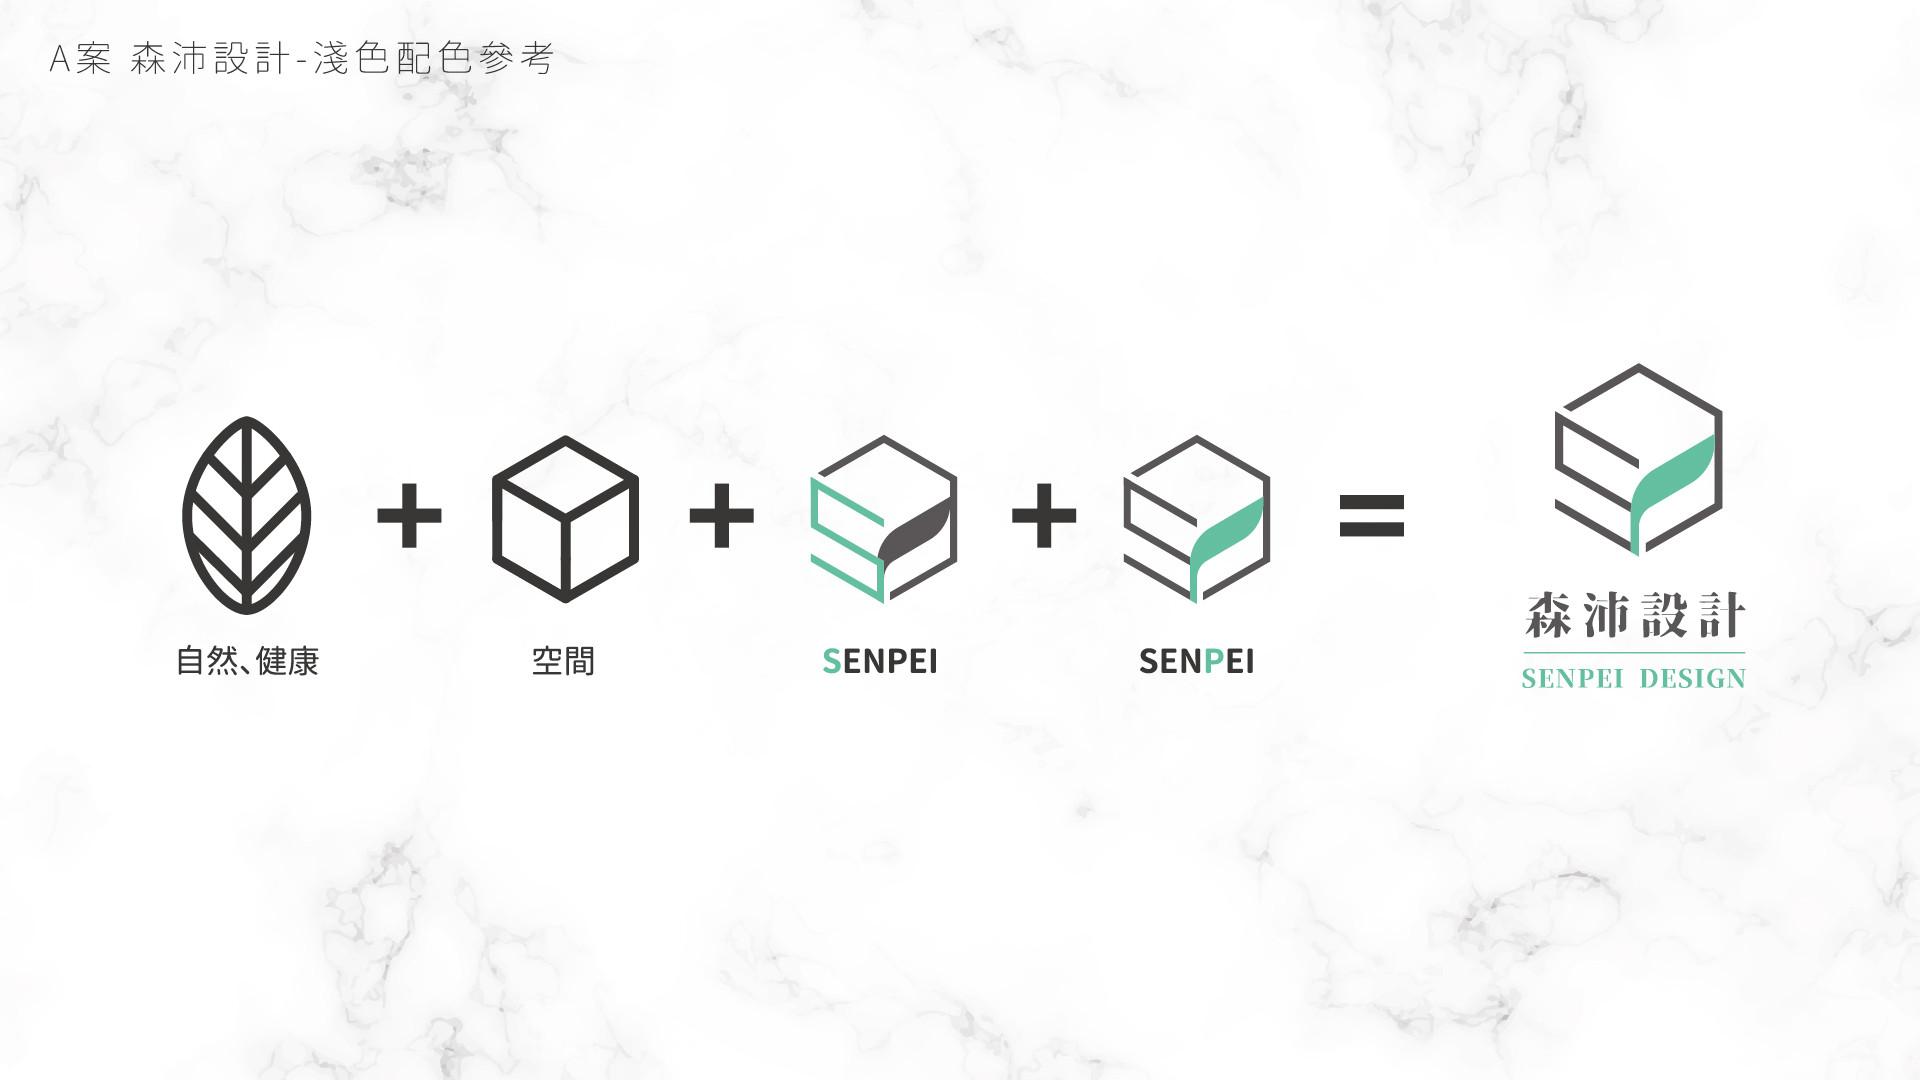 森沛室內設計-商標設計-6(O)_工作區域 1 複本 30.jpg